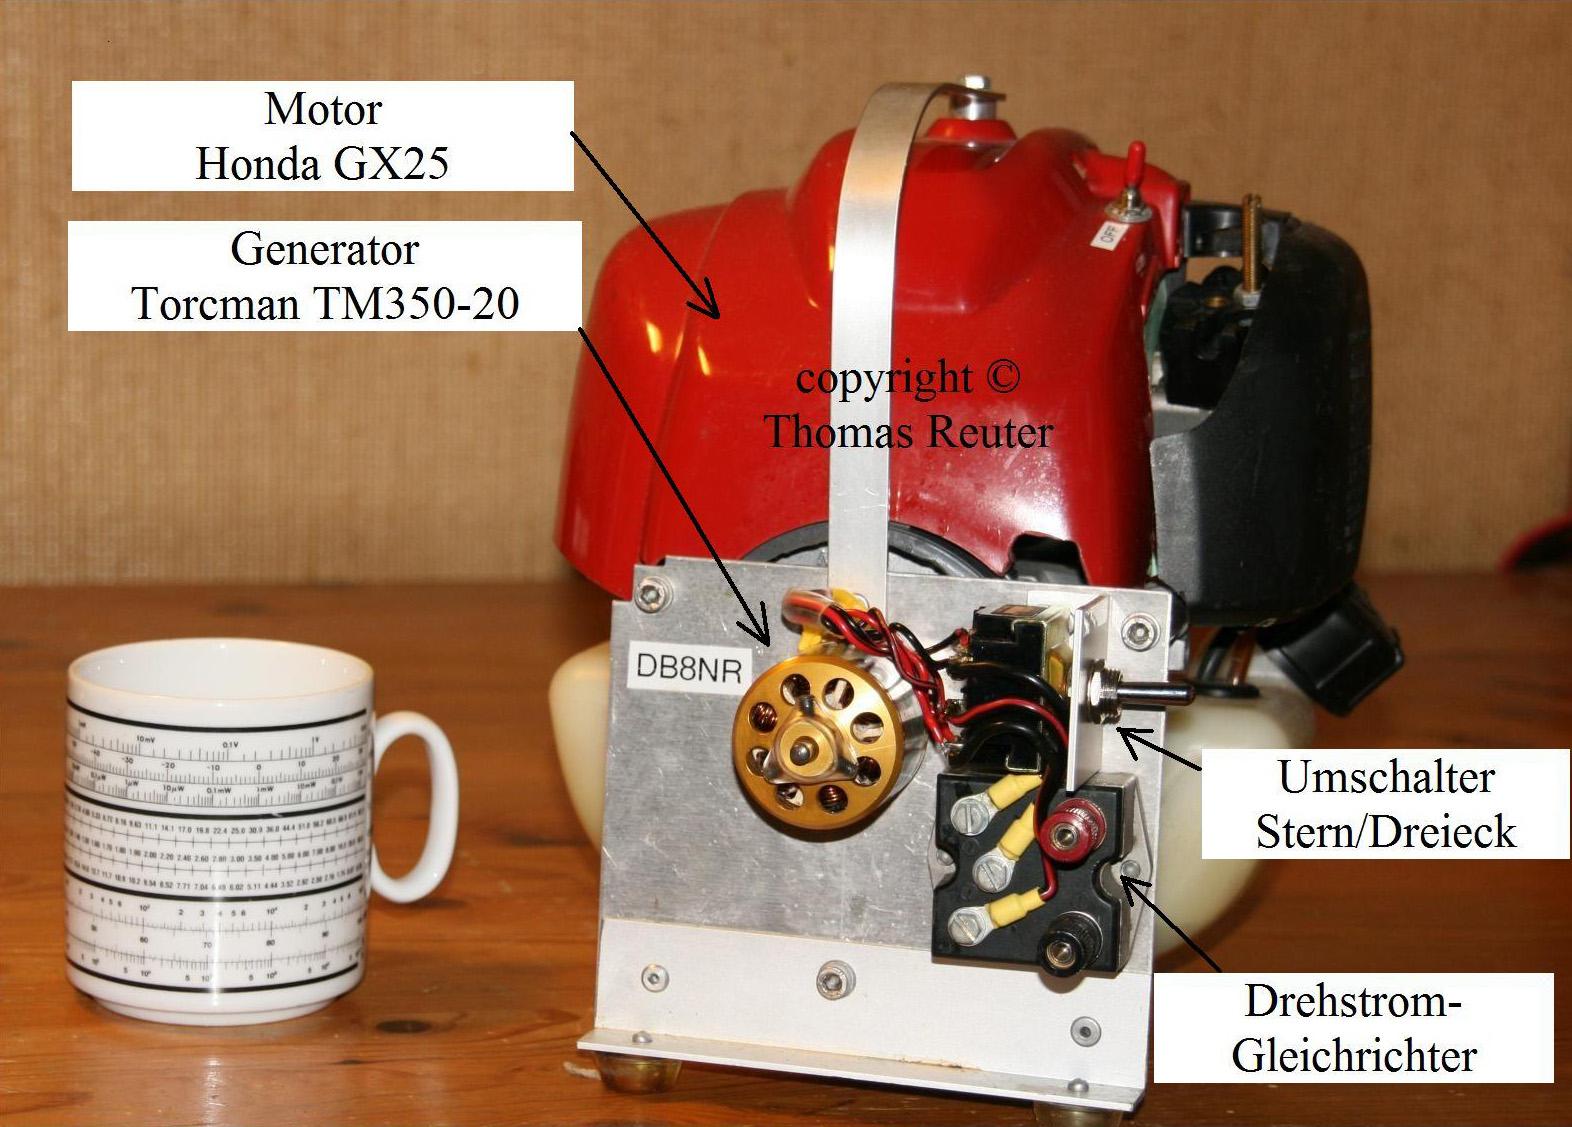 Geliebte Kleiner Generator in Planung - Mikrocontroller.net #DR_61